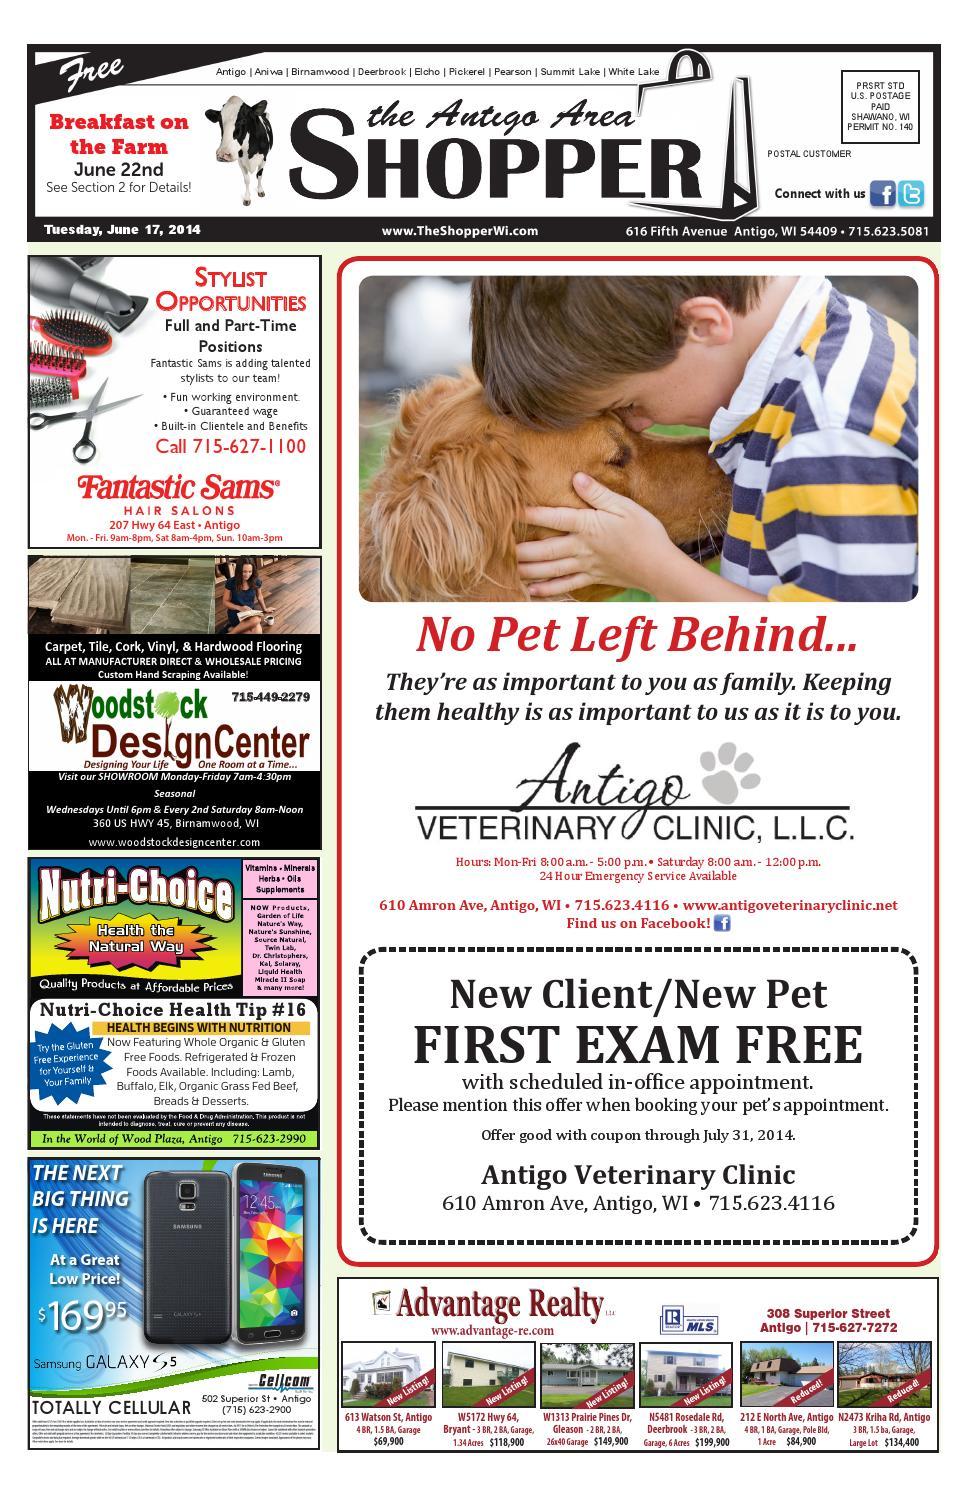 Antigo Area Shopper 06/17/2014 by Antigo Area Shopper - issuu